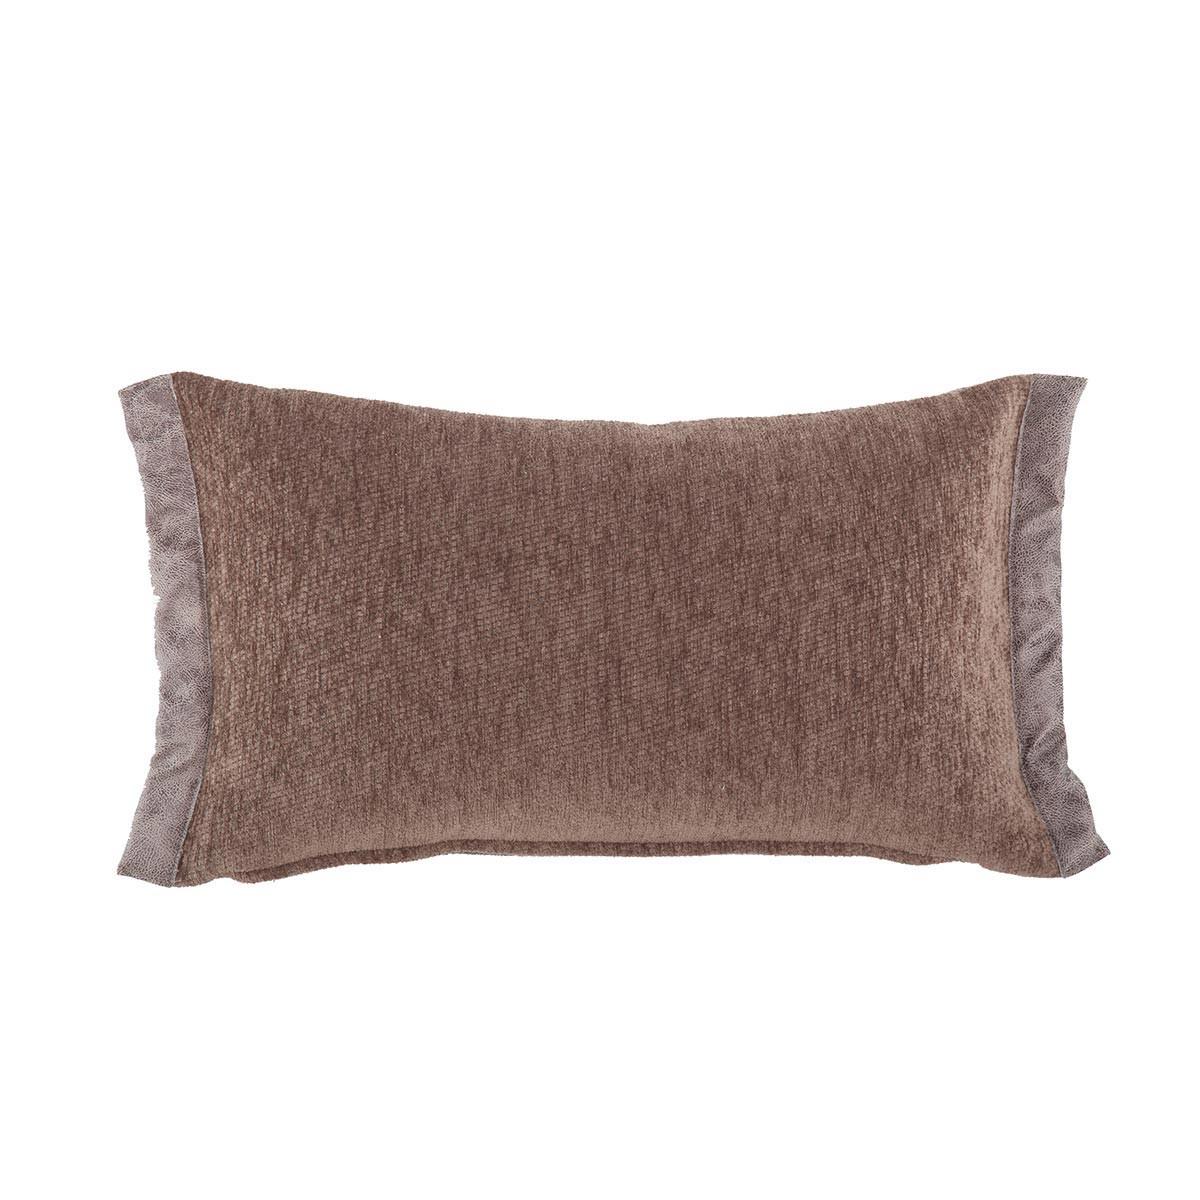 Διακοσμητικό Μαξιλάρι (33×55) Nef-Nef New Tanger Brown/Beige